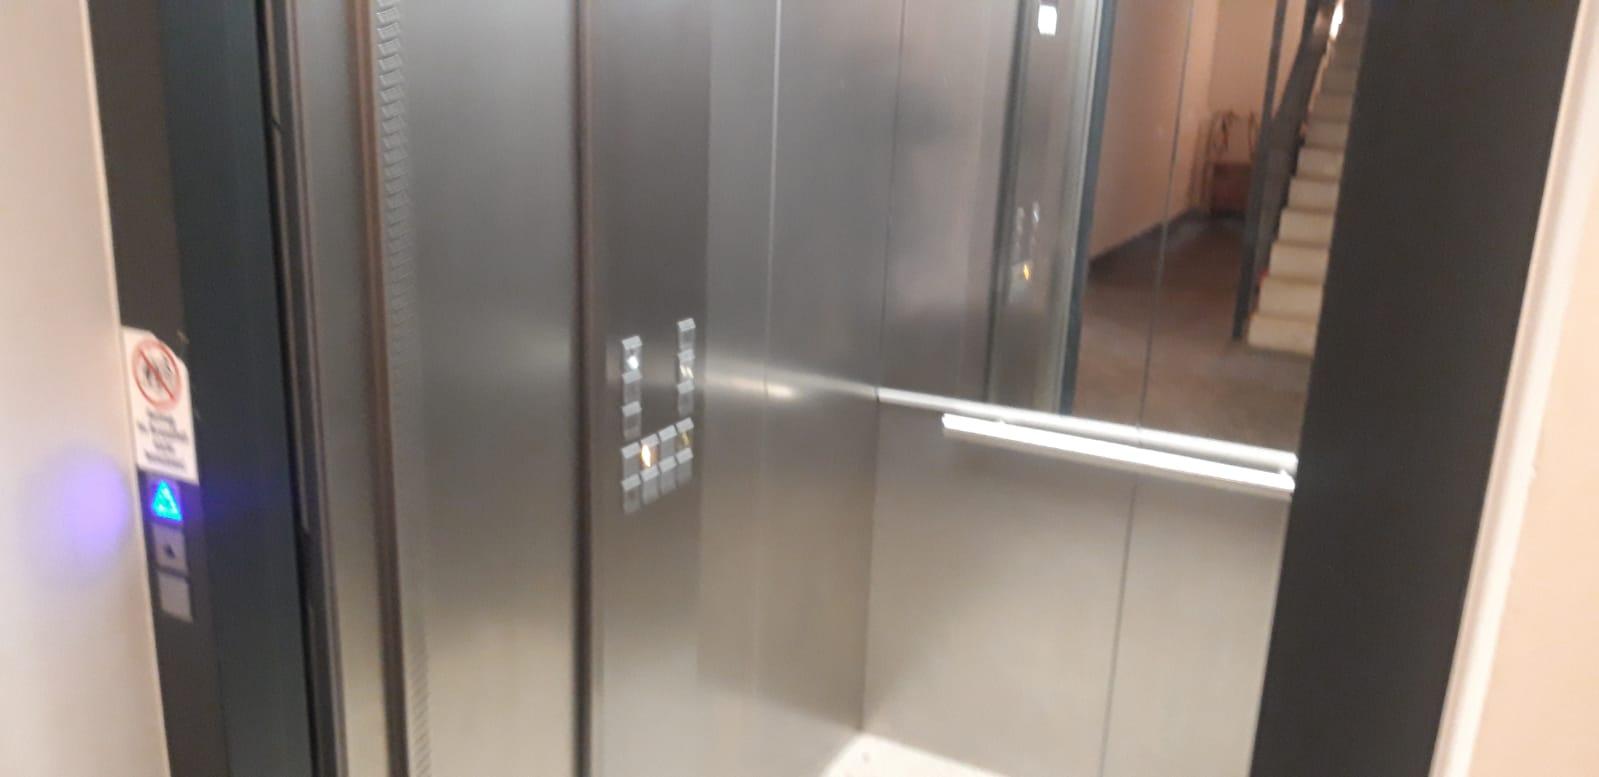 THL – Eingeschlossene Person in Aufzug